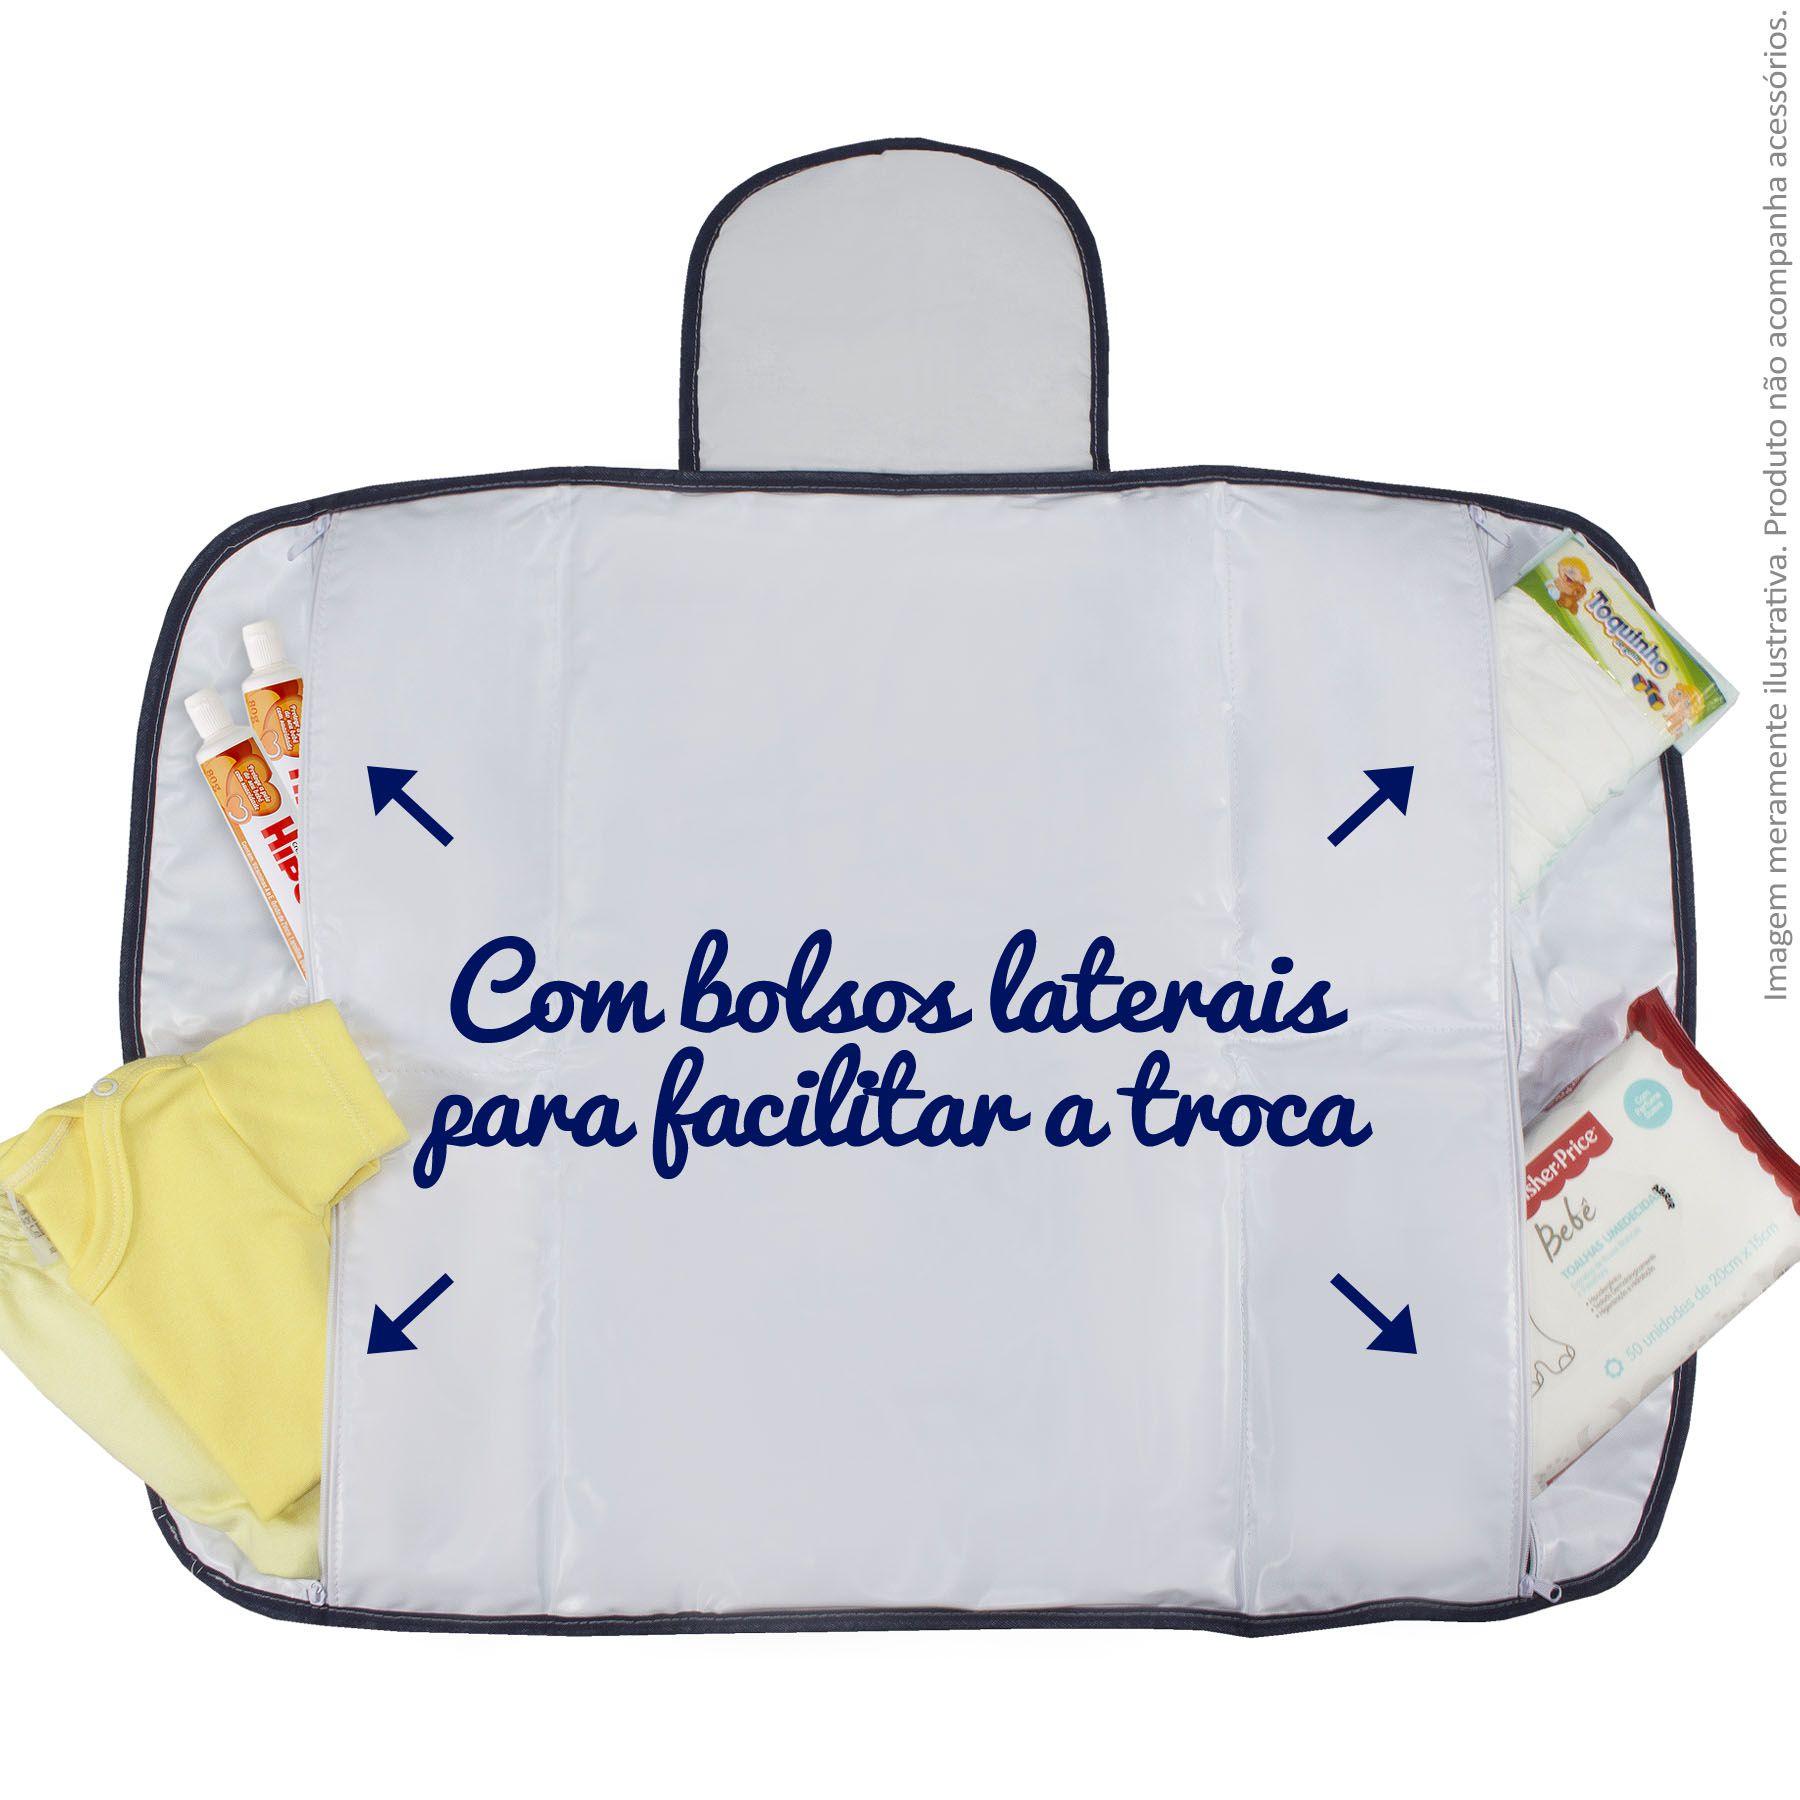 Trocador Portátil c/ Bolsos - Marinheiro